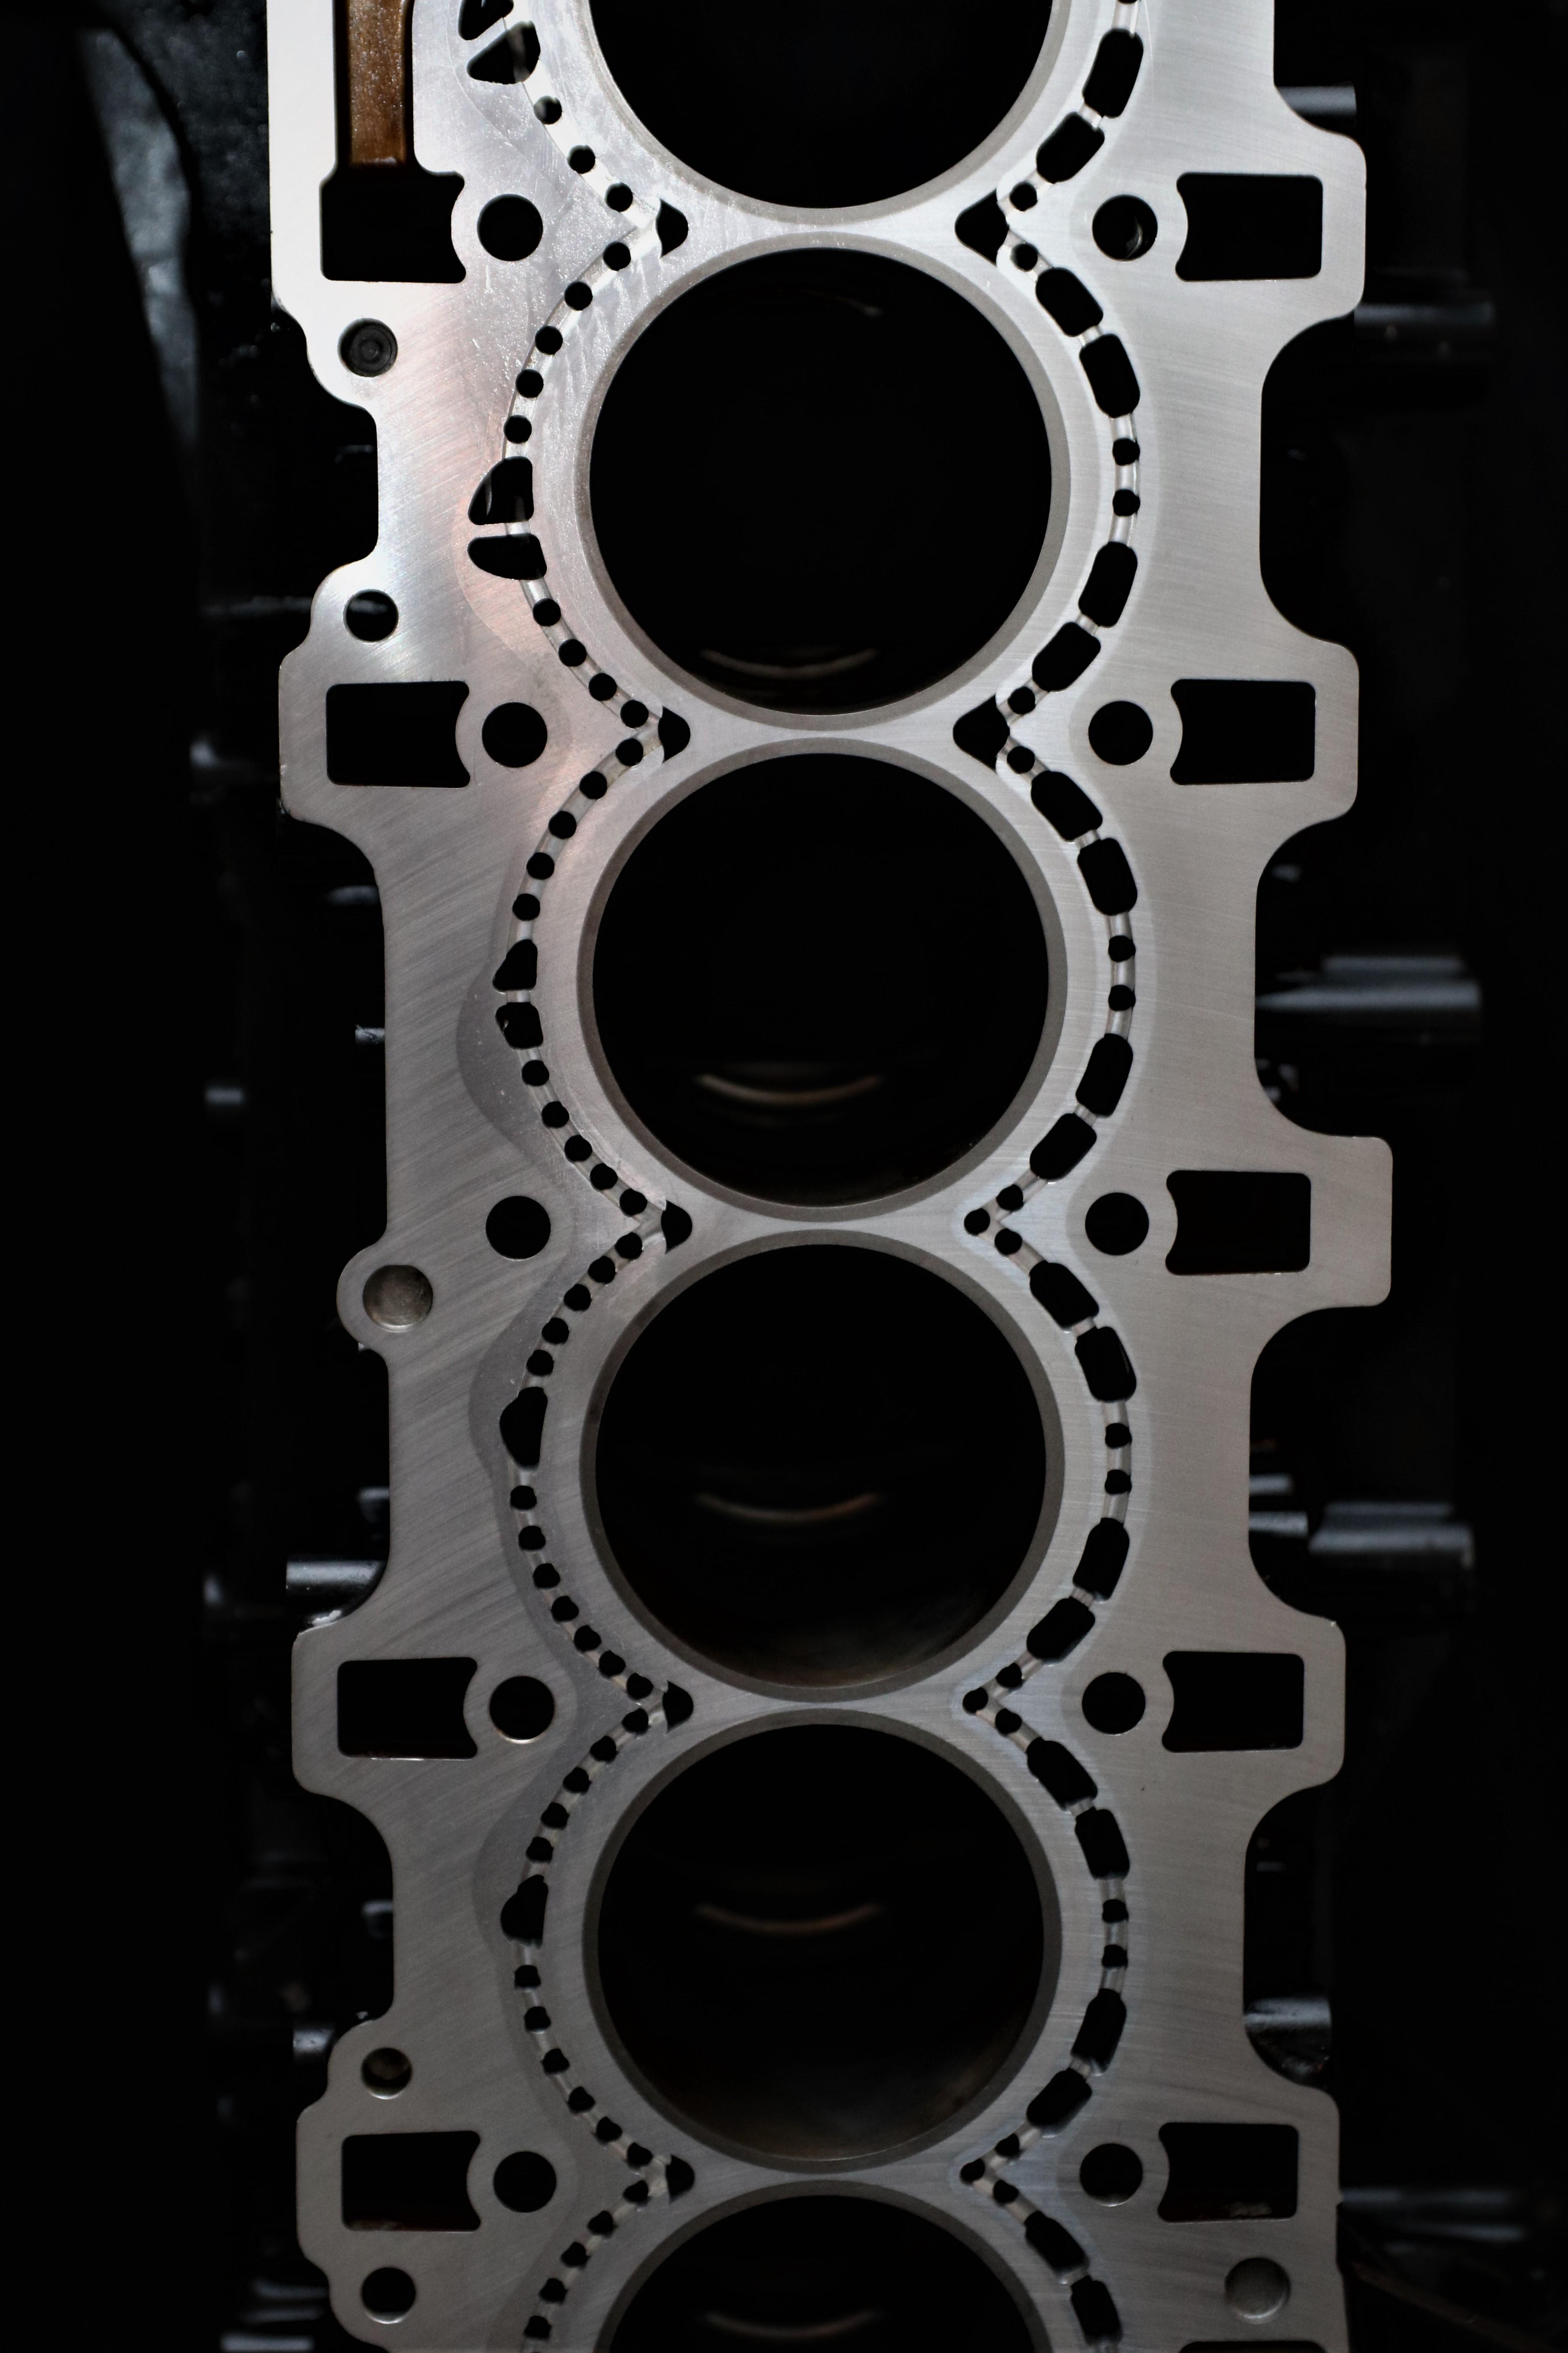 Zamykanie bloków silników BMW N54 E90 - tuning silnika BMW N54 E90